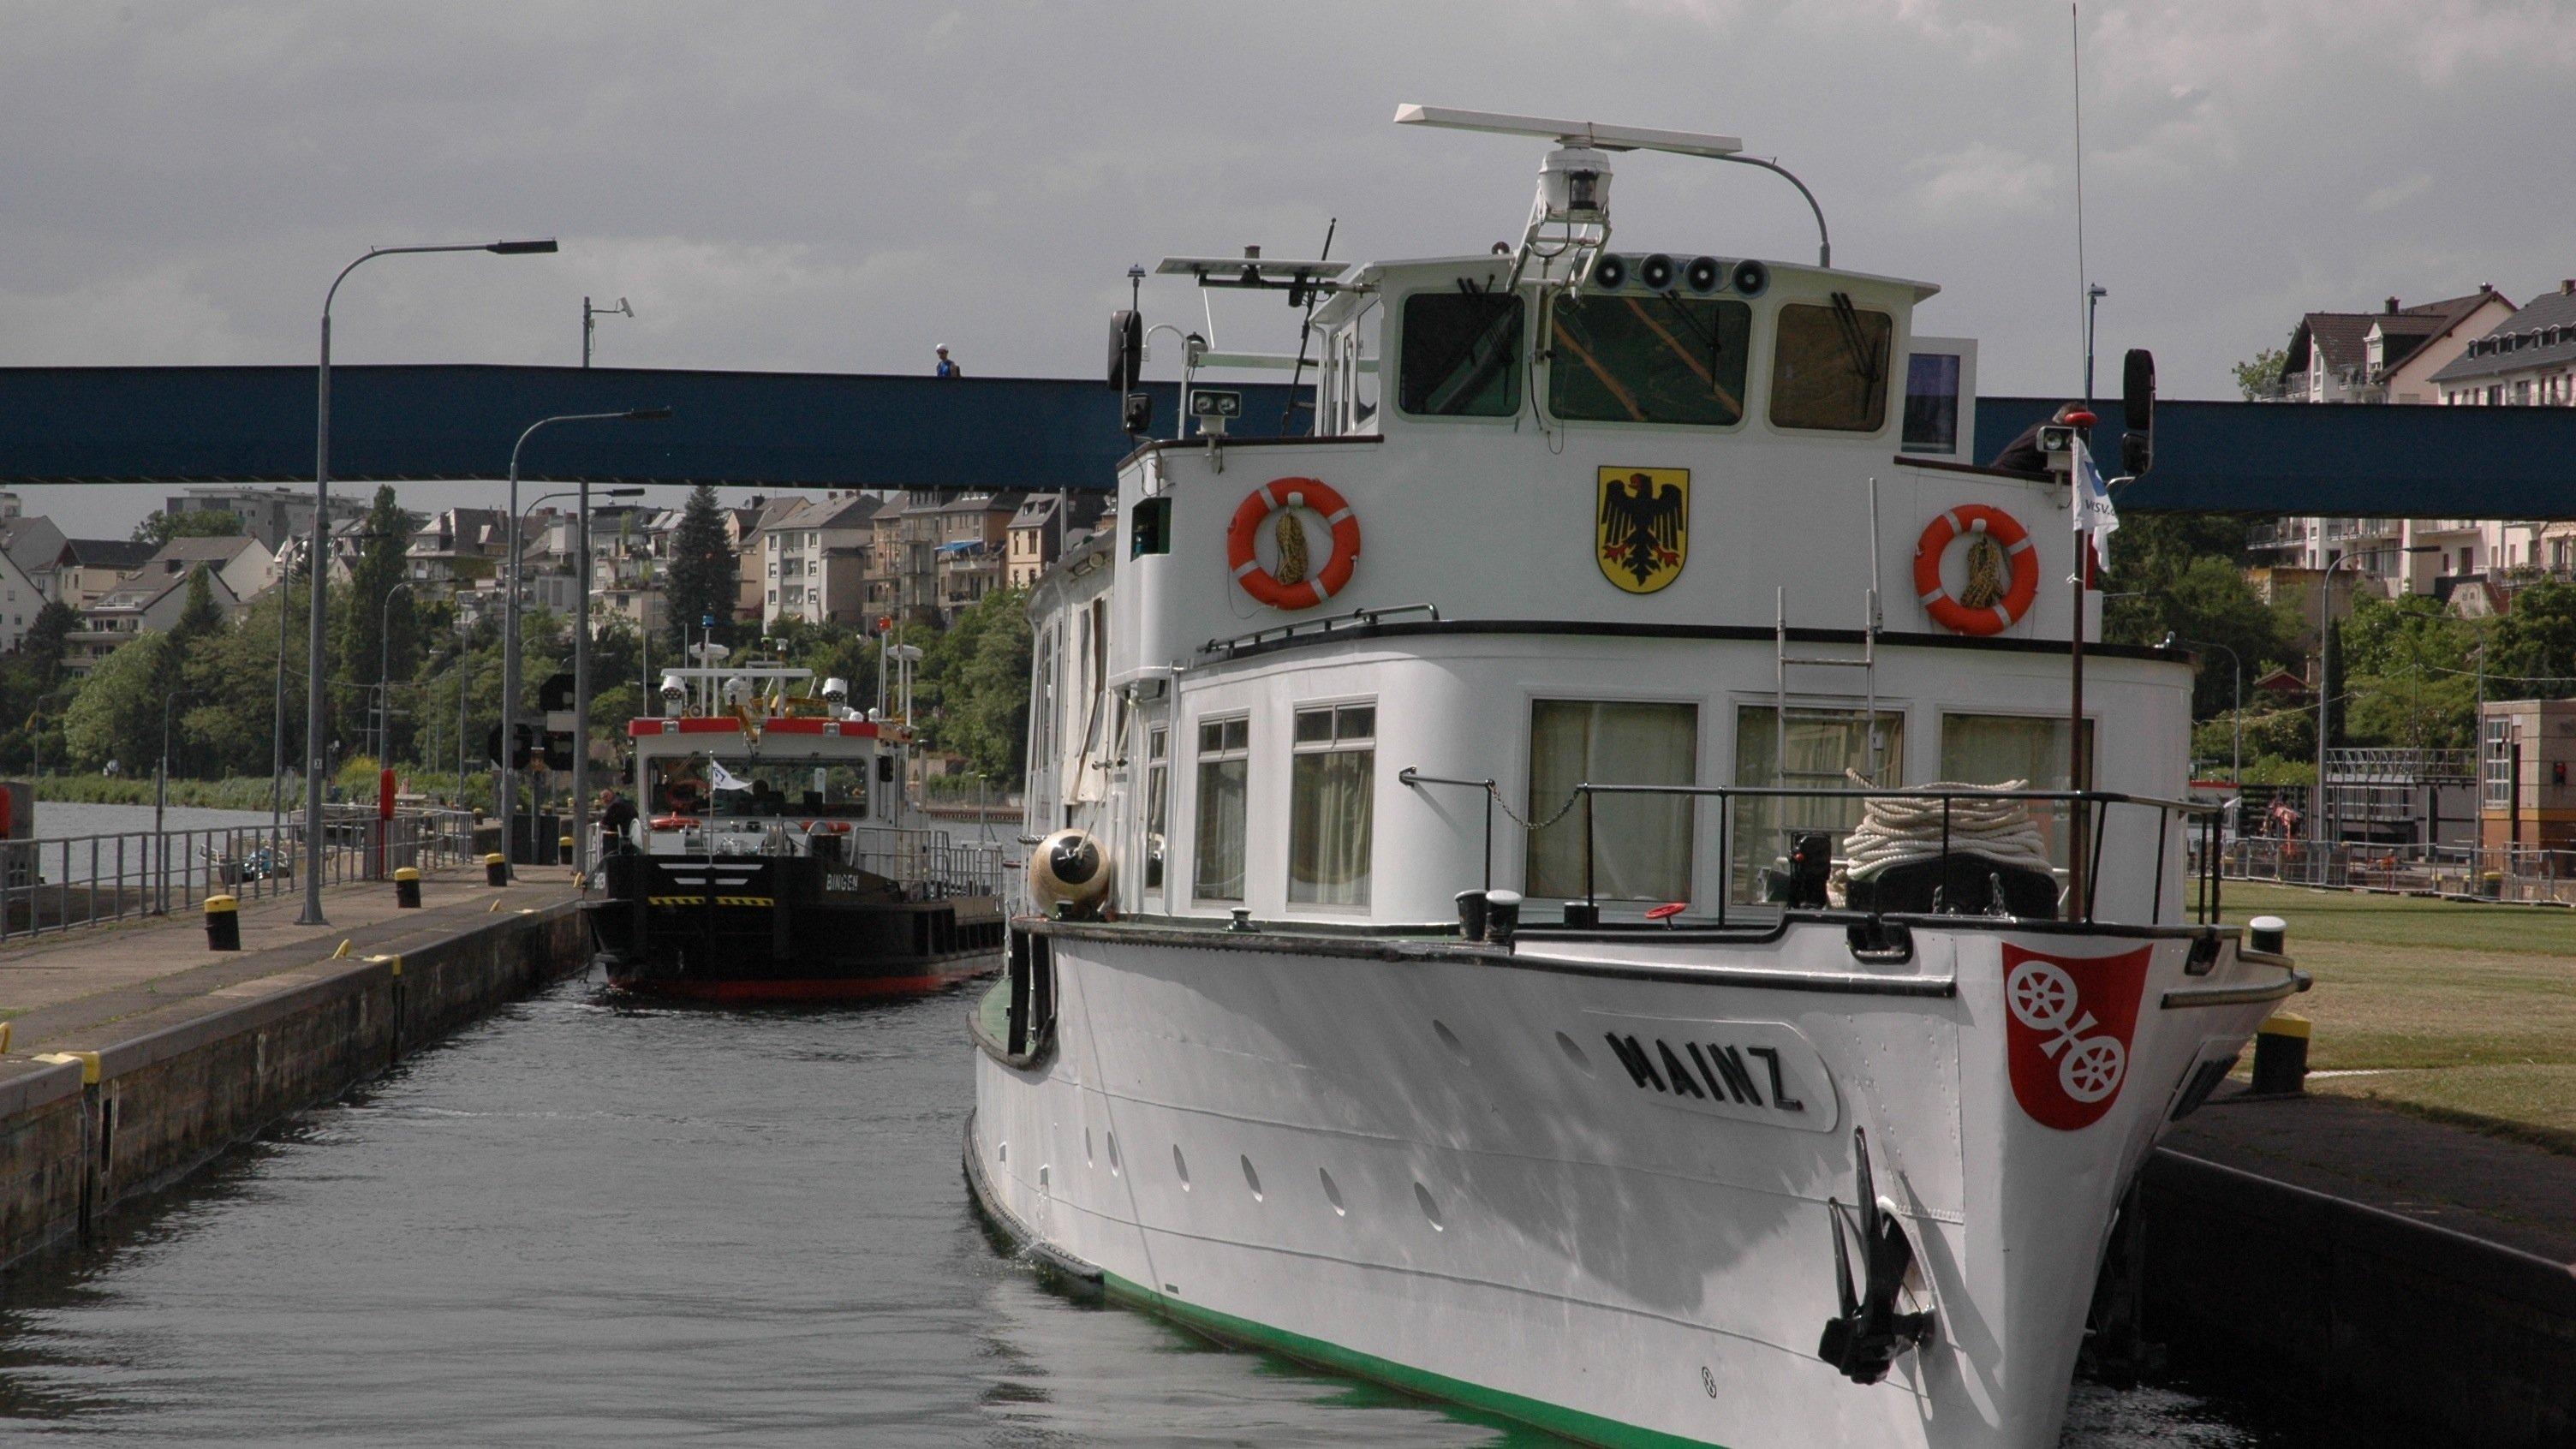 Schleusenfahrt der MAINZ auf der Mosel:Am 23. Mai 2014 demonstrierten die DLR-Wissenschaftler gemeinsam mit Projektpartnern wie die neuen Fahrerassistenzsysteme funktionieren.